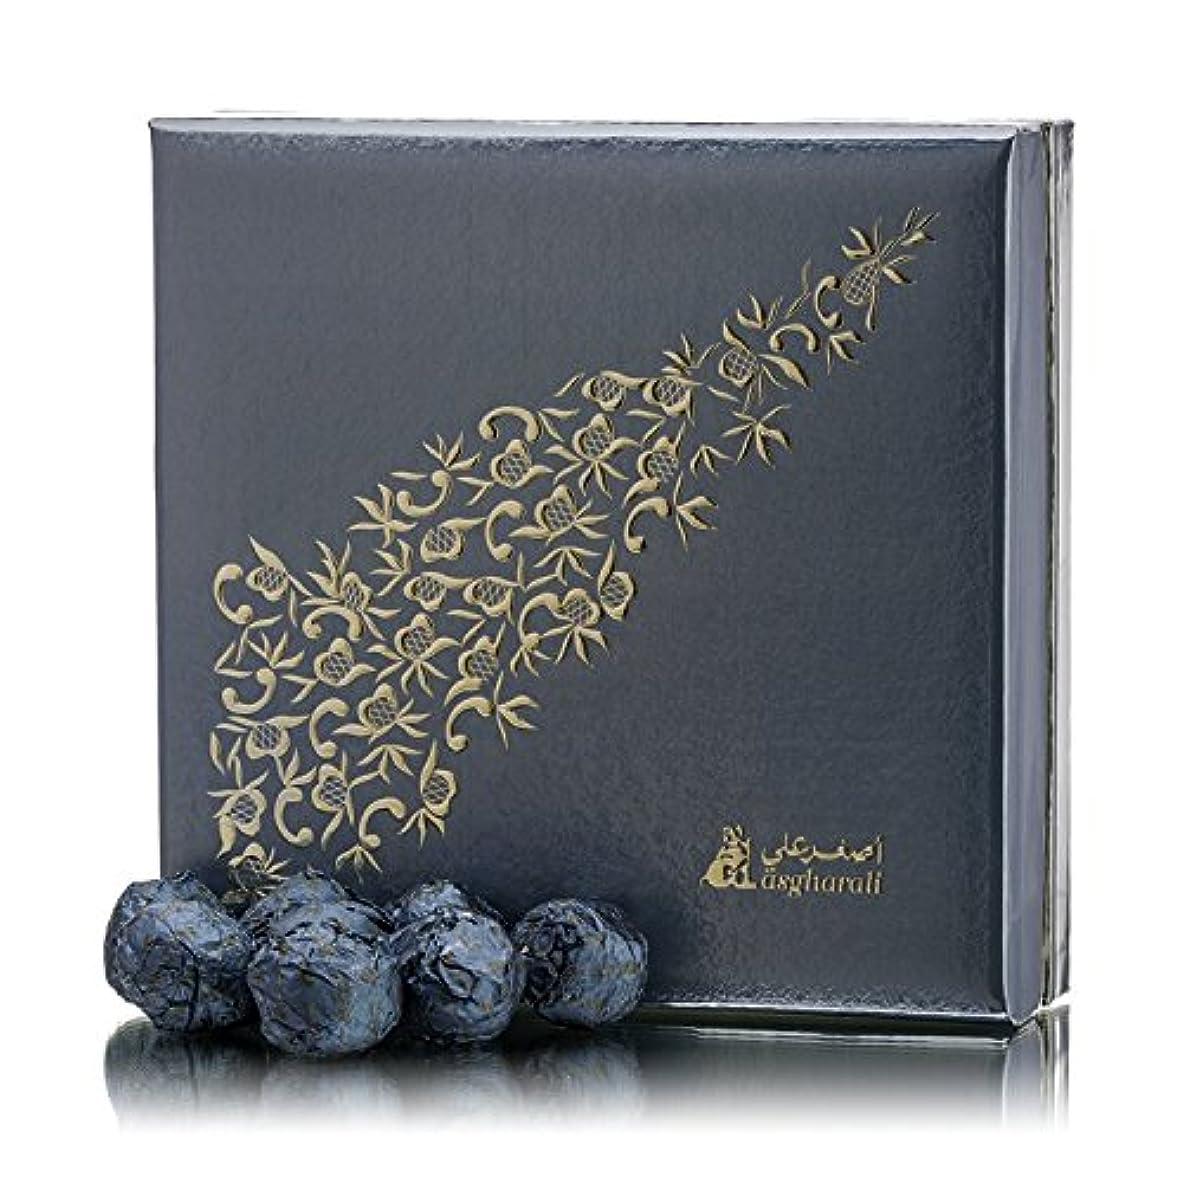 迫害吸収する謎Asgharali debaaj mustabaraq 300ミリグラム – Shay Oud、花柄、Woody、Oriental Incense Limited Edition Bakhoor